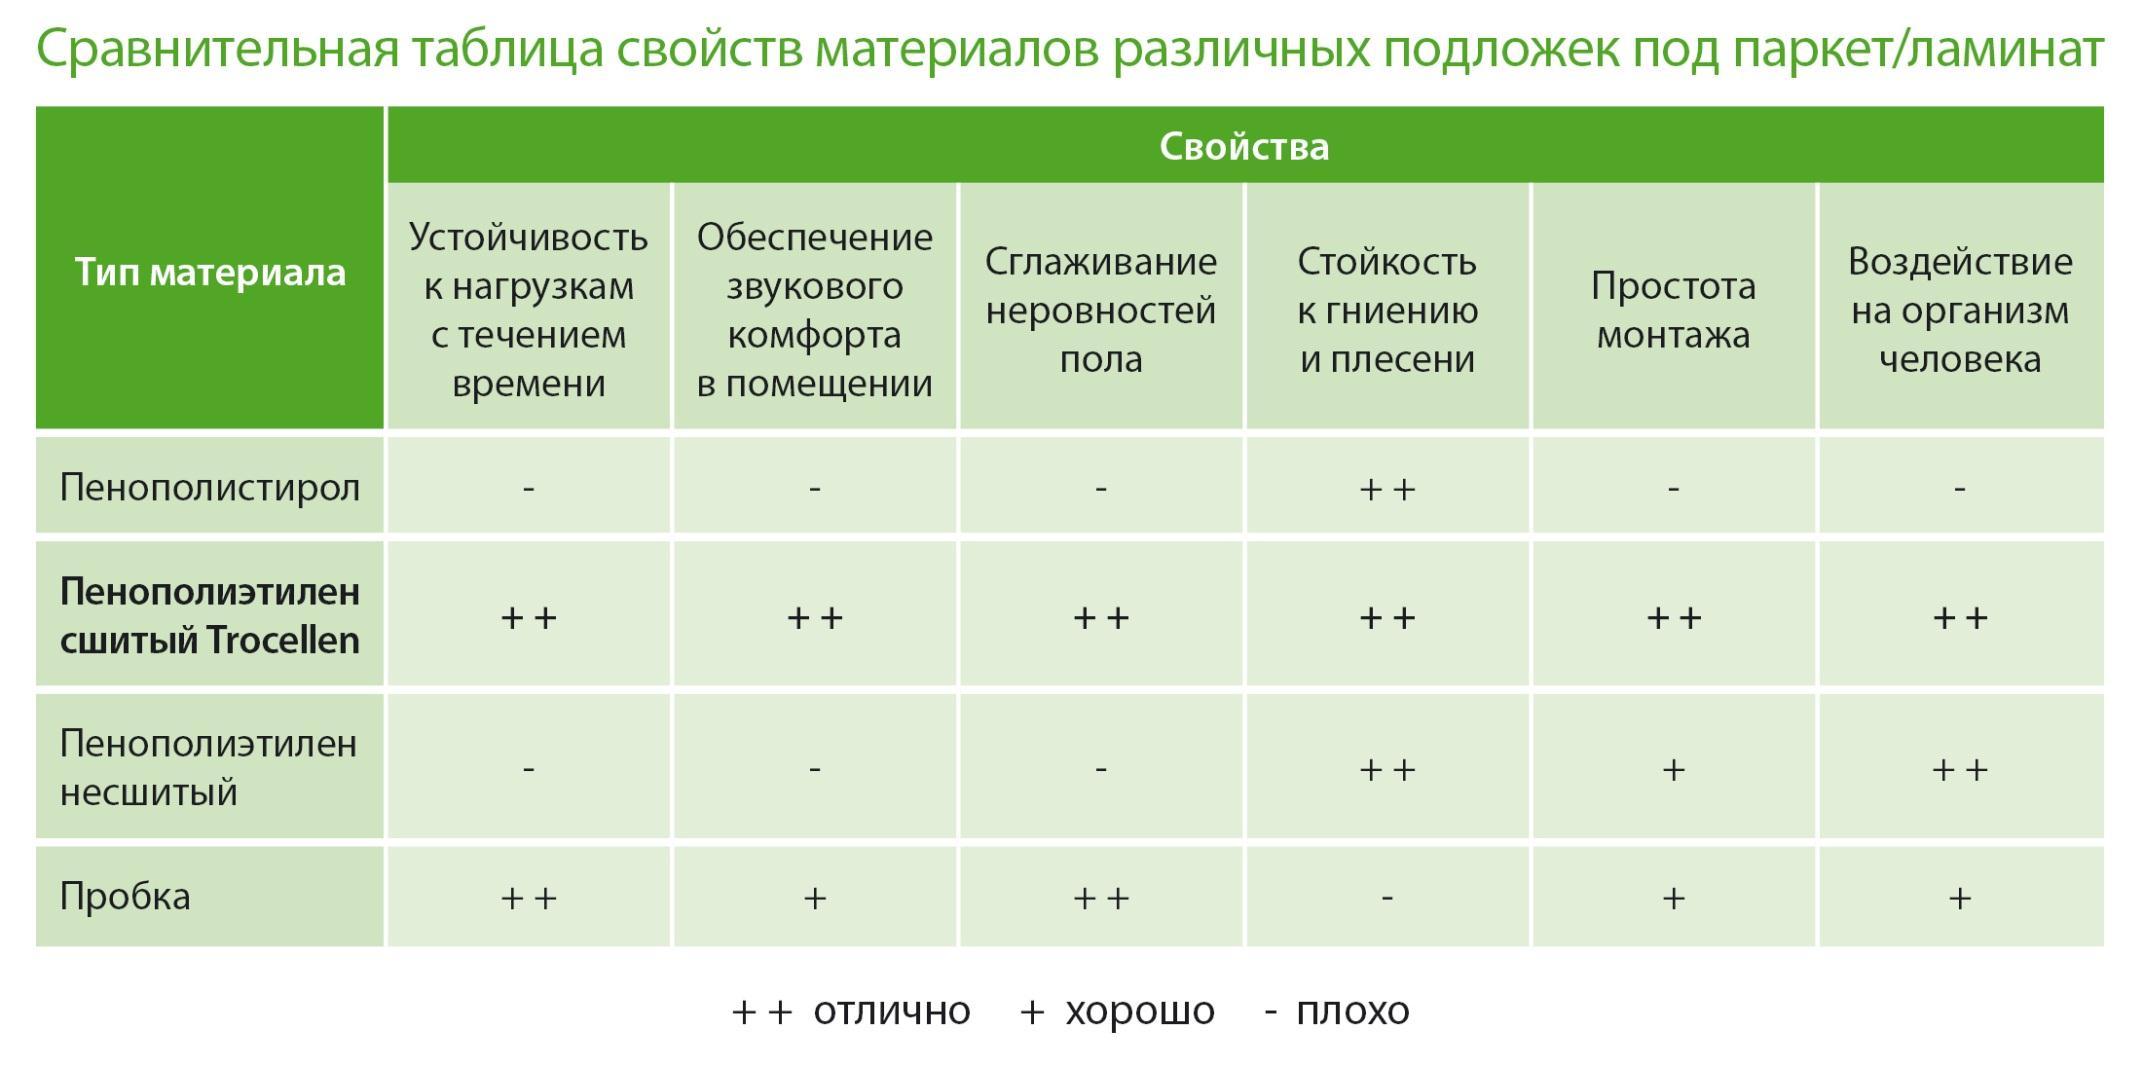 Сравнительная характеристика подложек из разных материалов